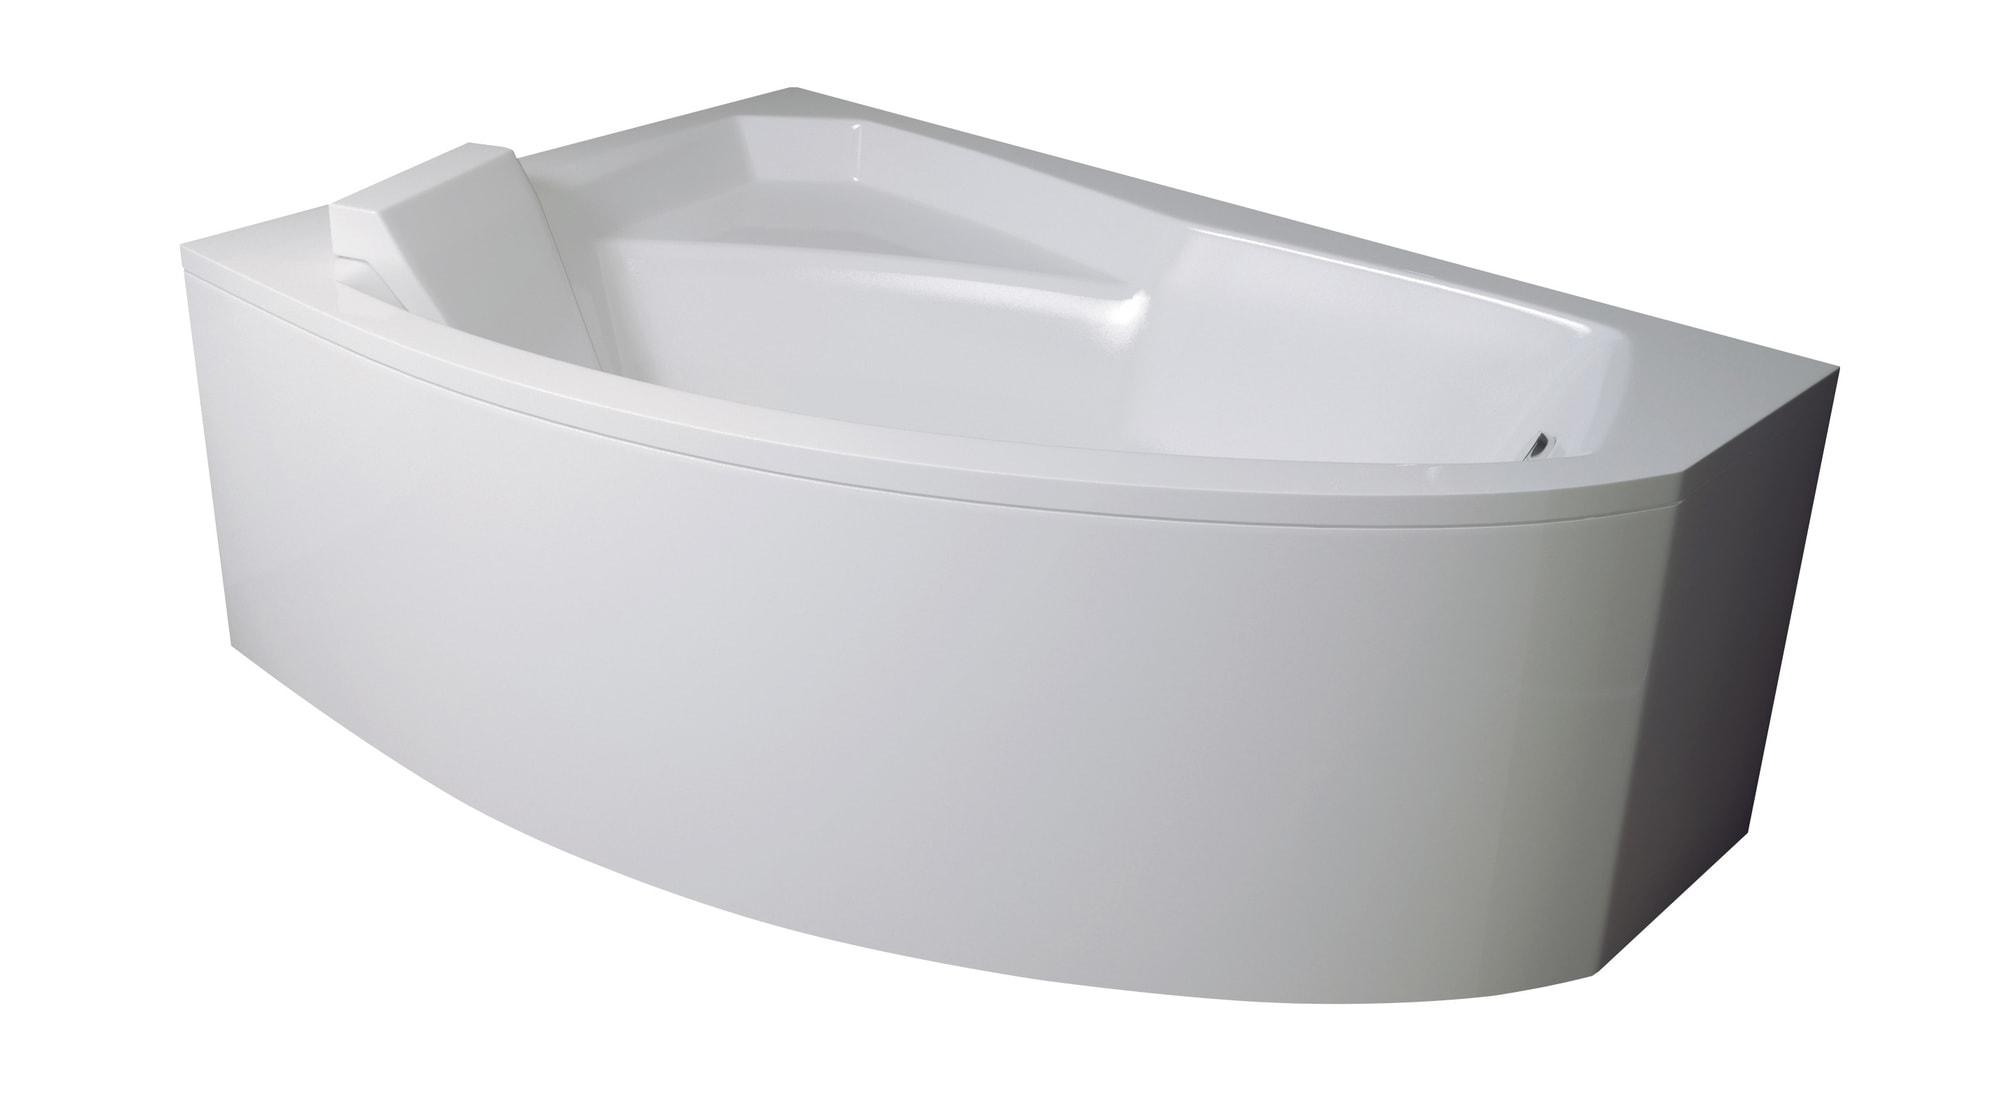 Obudowa do wanny Besco Rima 150 Lewa Biała OAR-150-NS